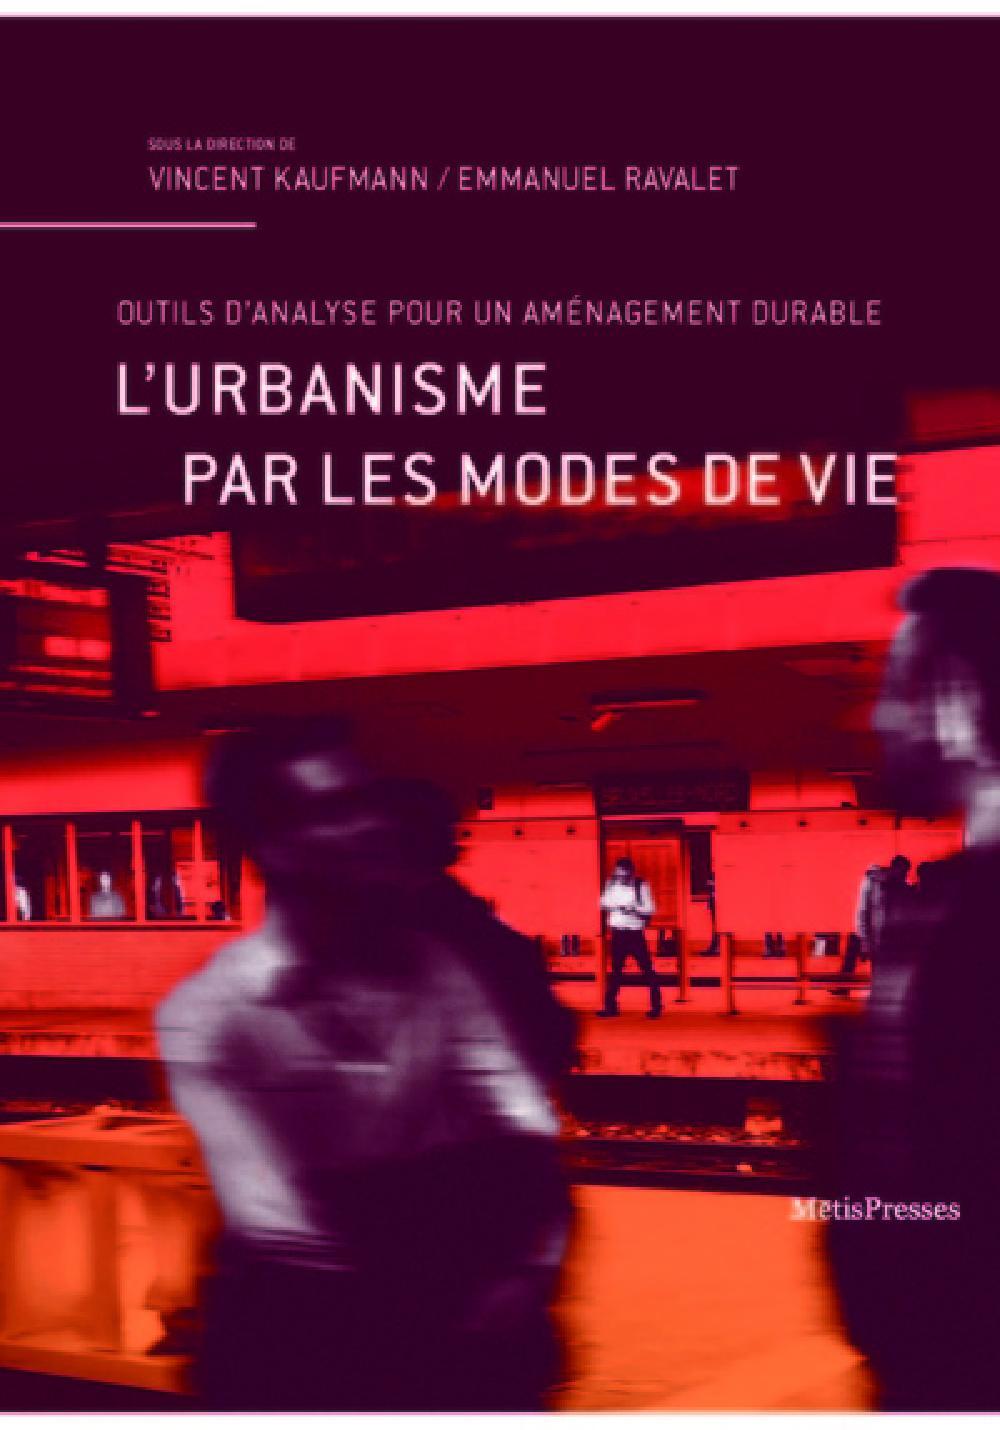 L'urbanisme par les modes de vie - Outils d'analyse pour un aménagement durable